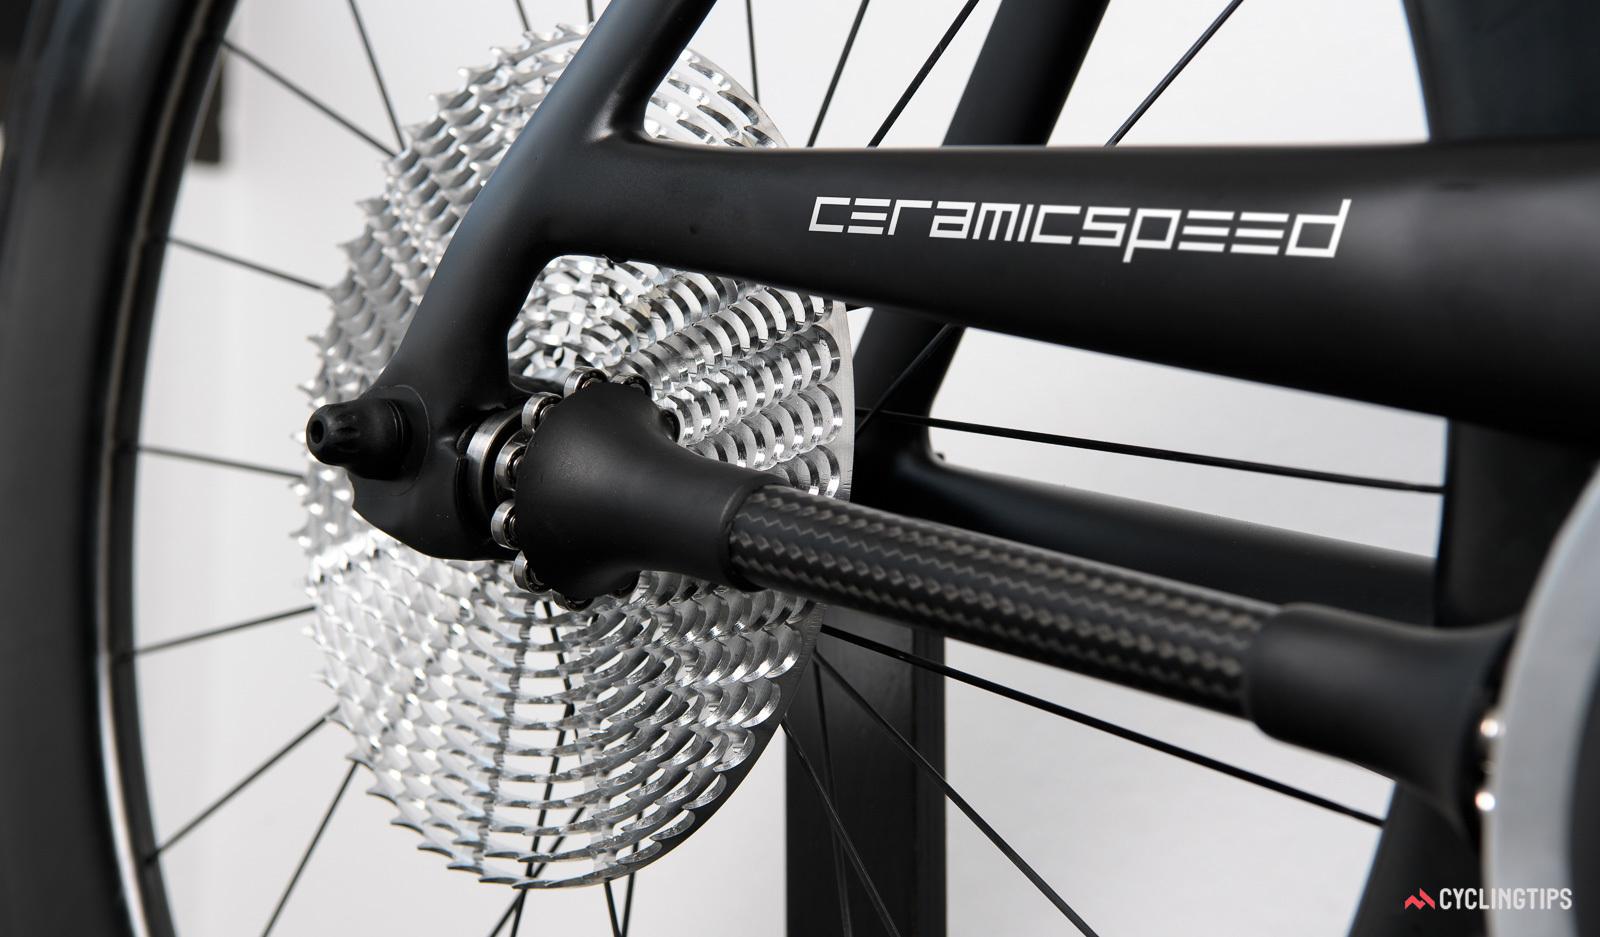 Επιχειρηματικές ιδέες: Ένα ποδήλατο χωρίς… αλυσίδα!